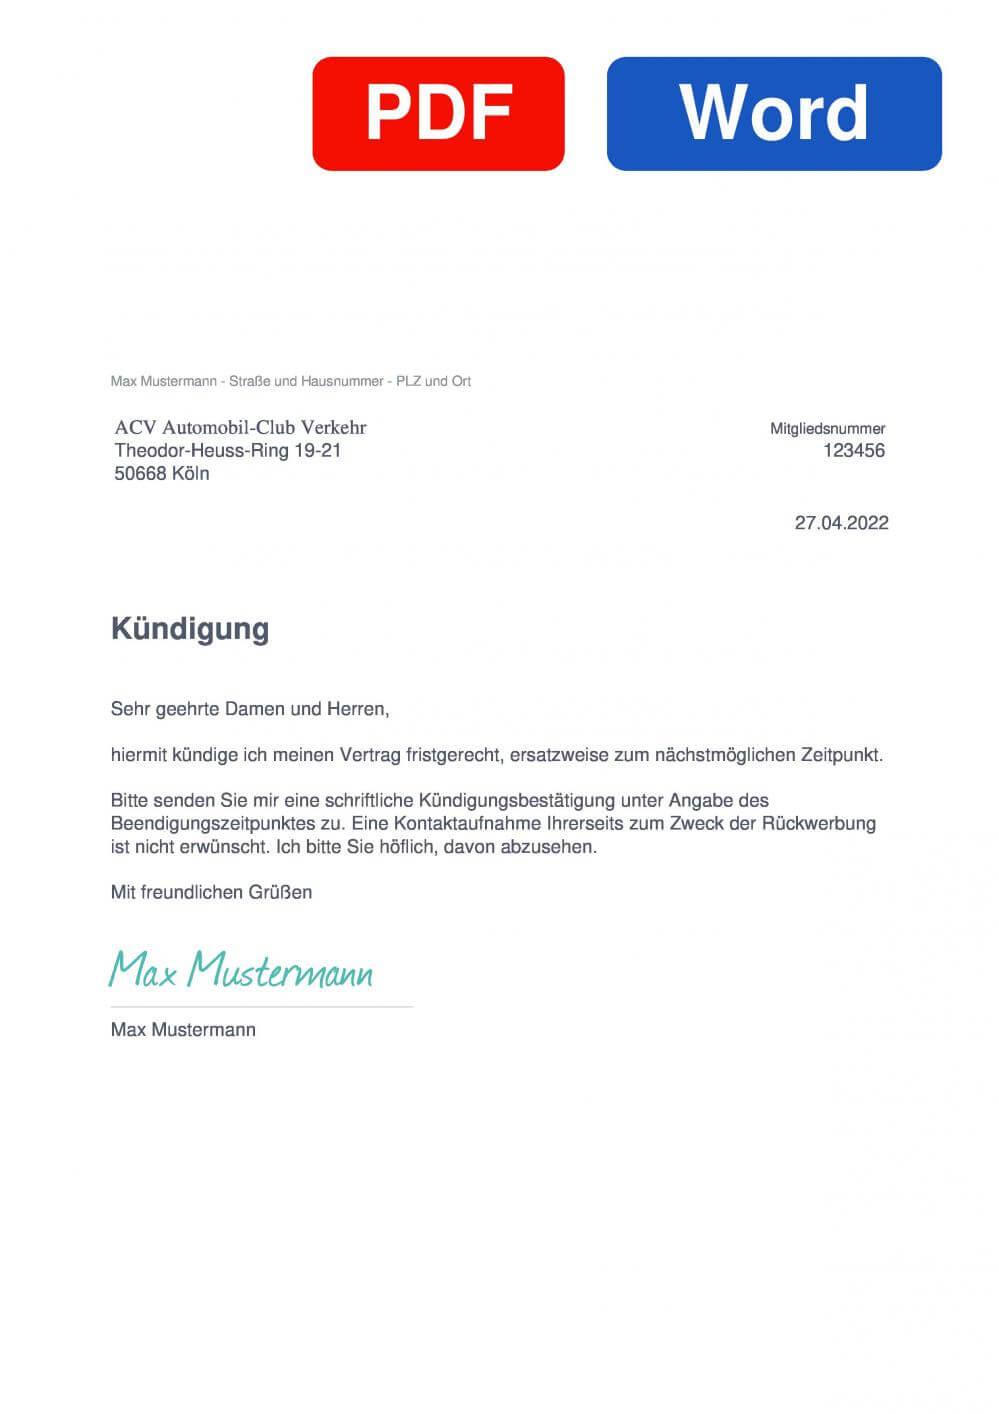 ACV Automobil Club Verkehr Muster Vorlage für Kündigungsschreiben